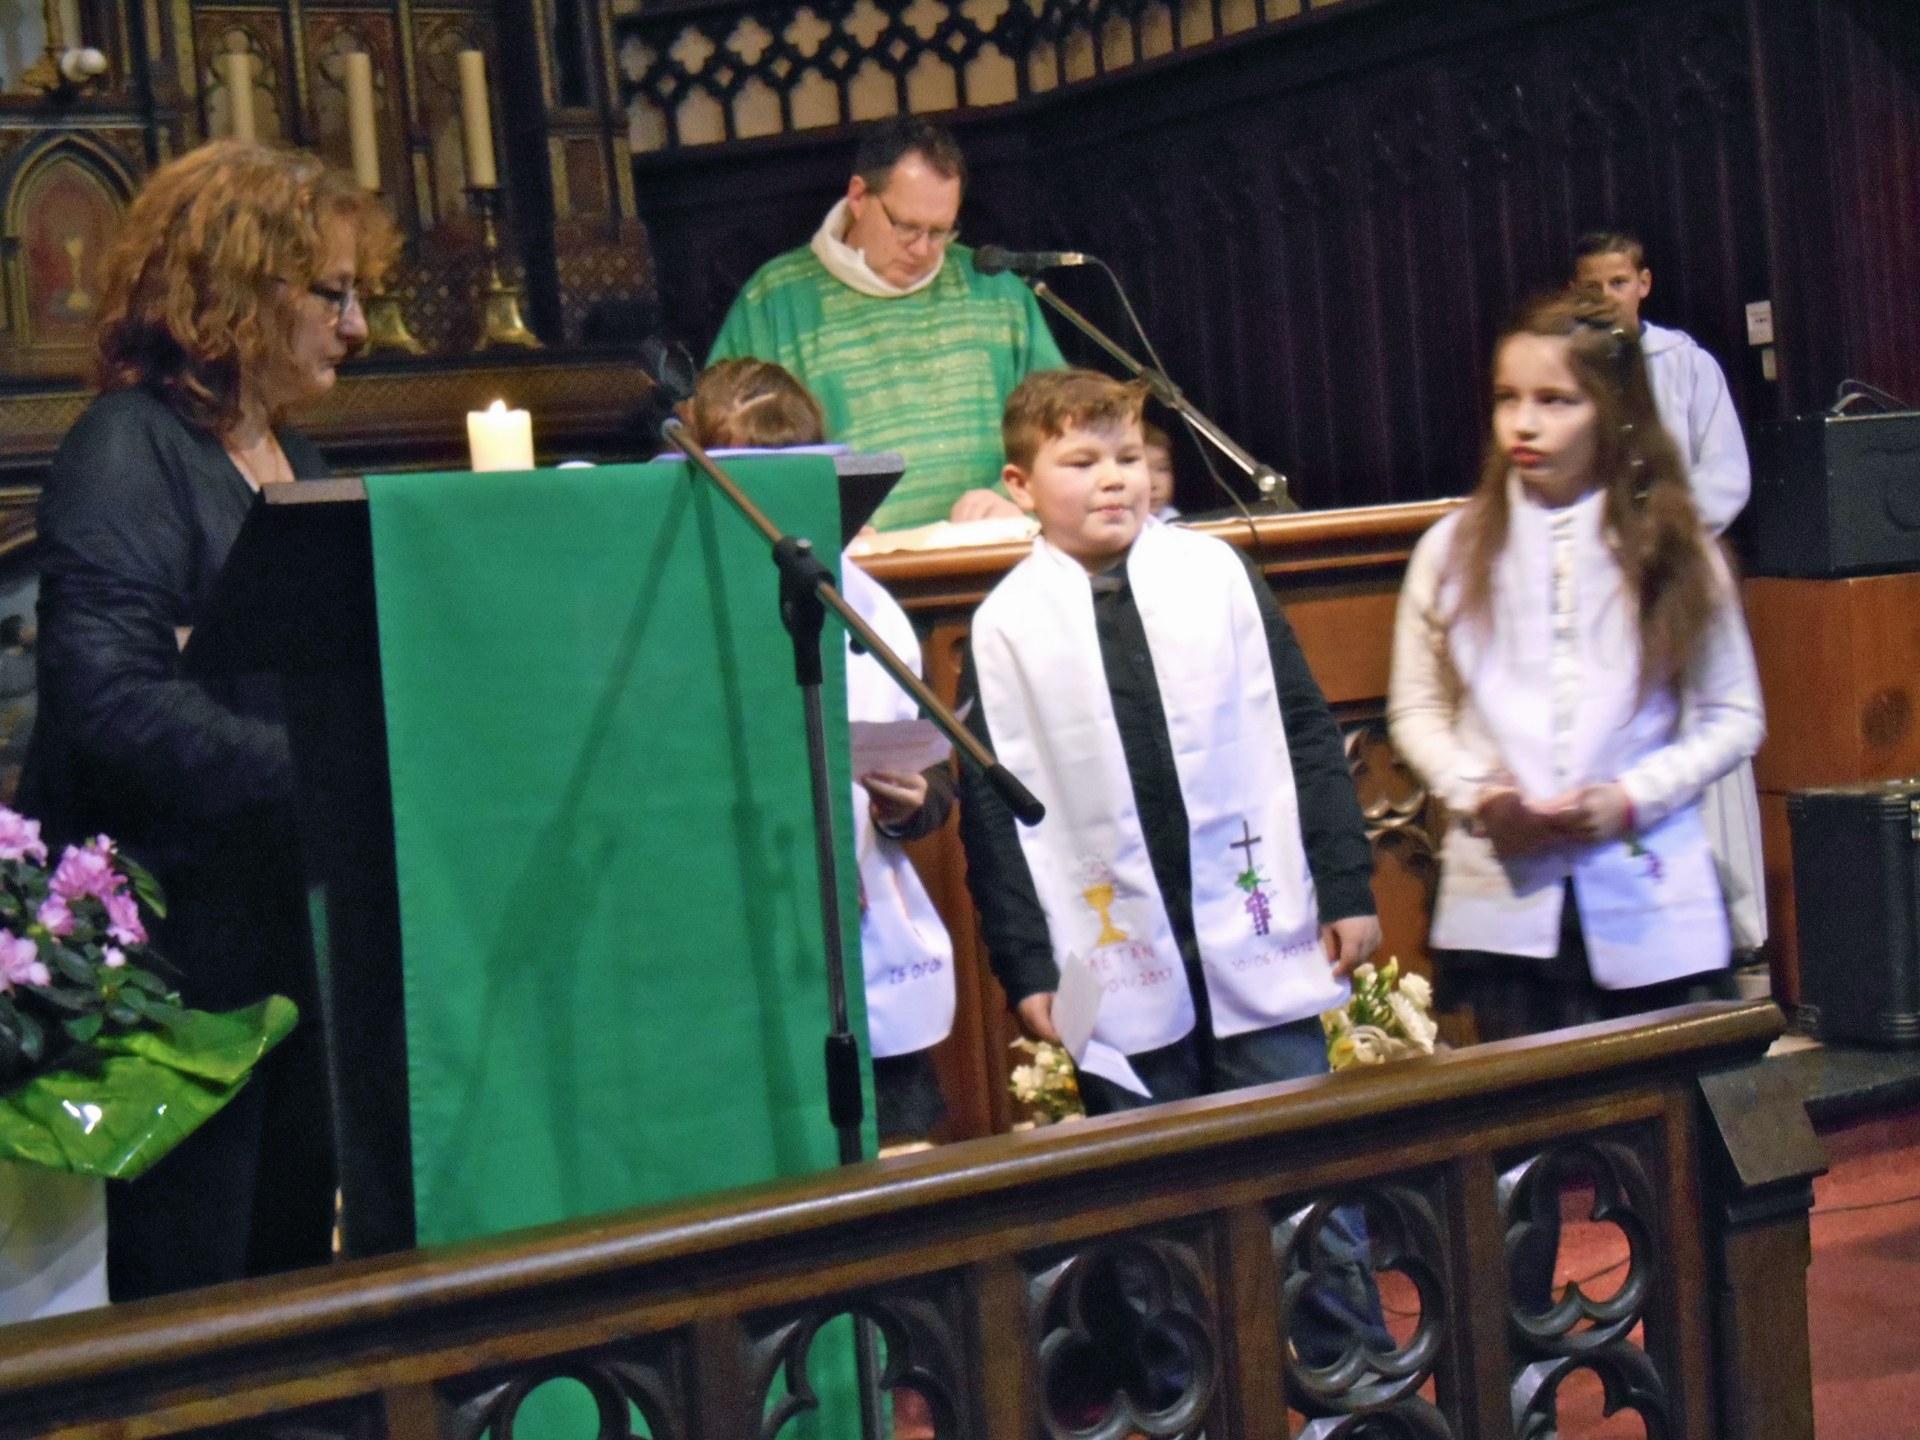 2017-02-04 - Premie#res communions a# Rousies - 17